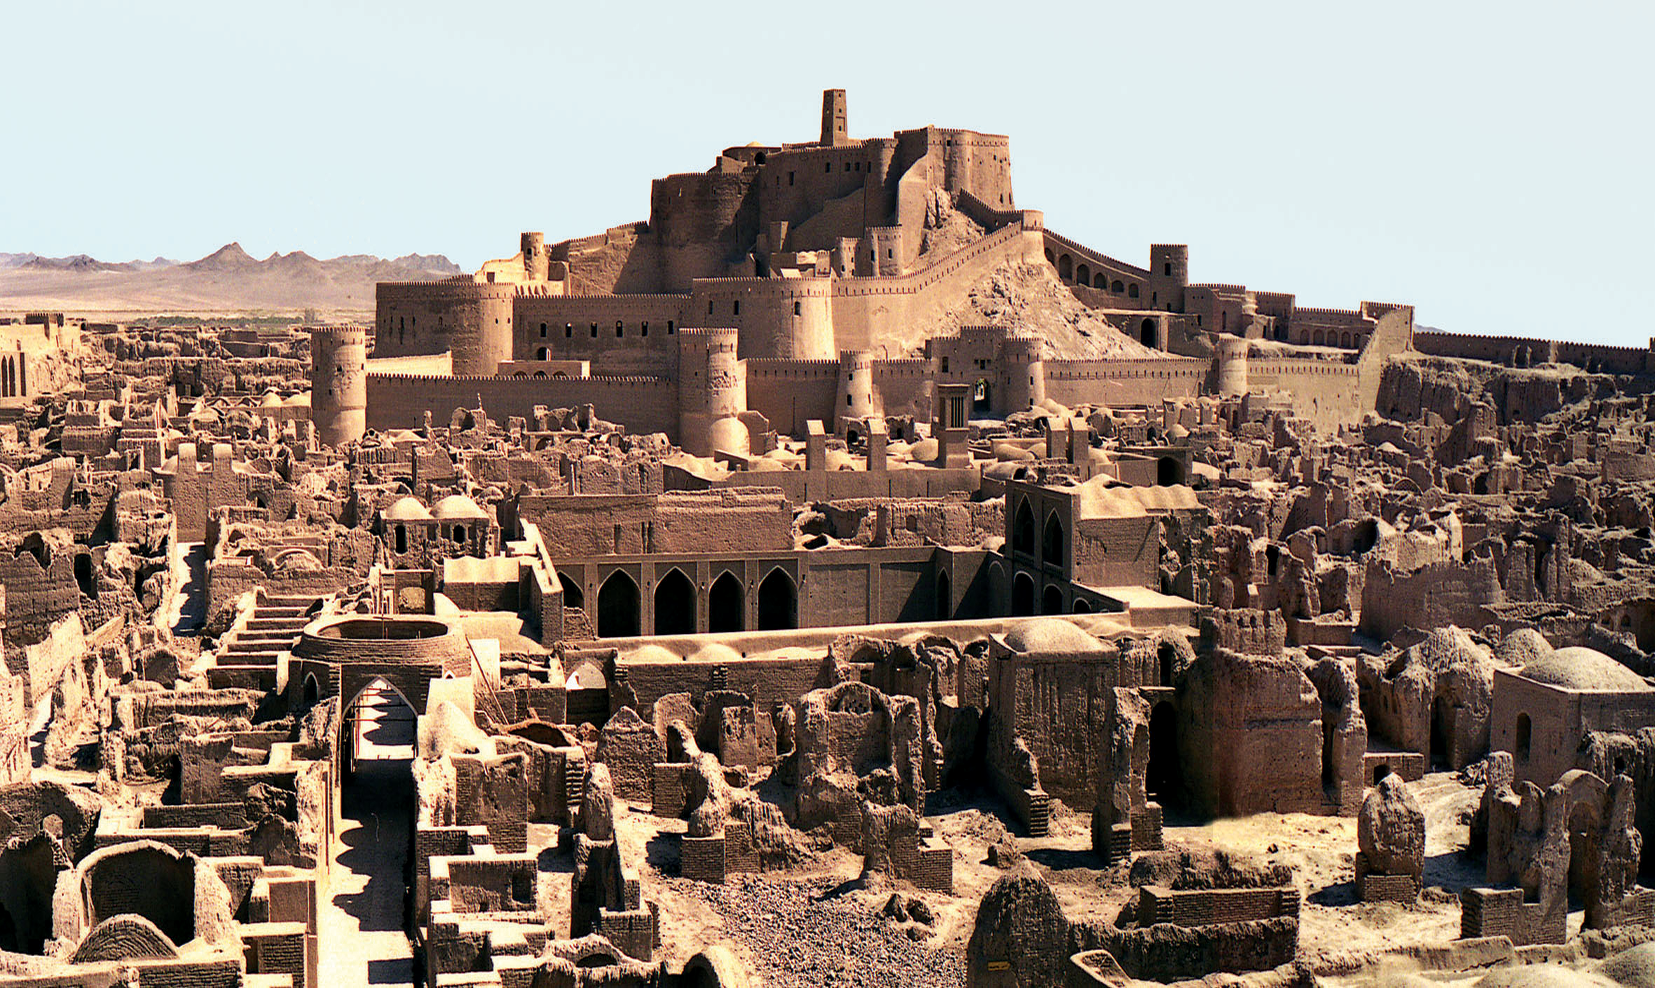 ارگ بم، ایران، قبل از زلزله ی دسامبر 2003